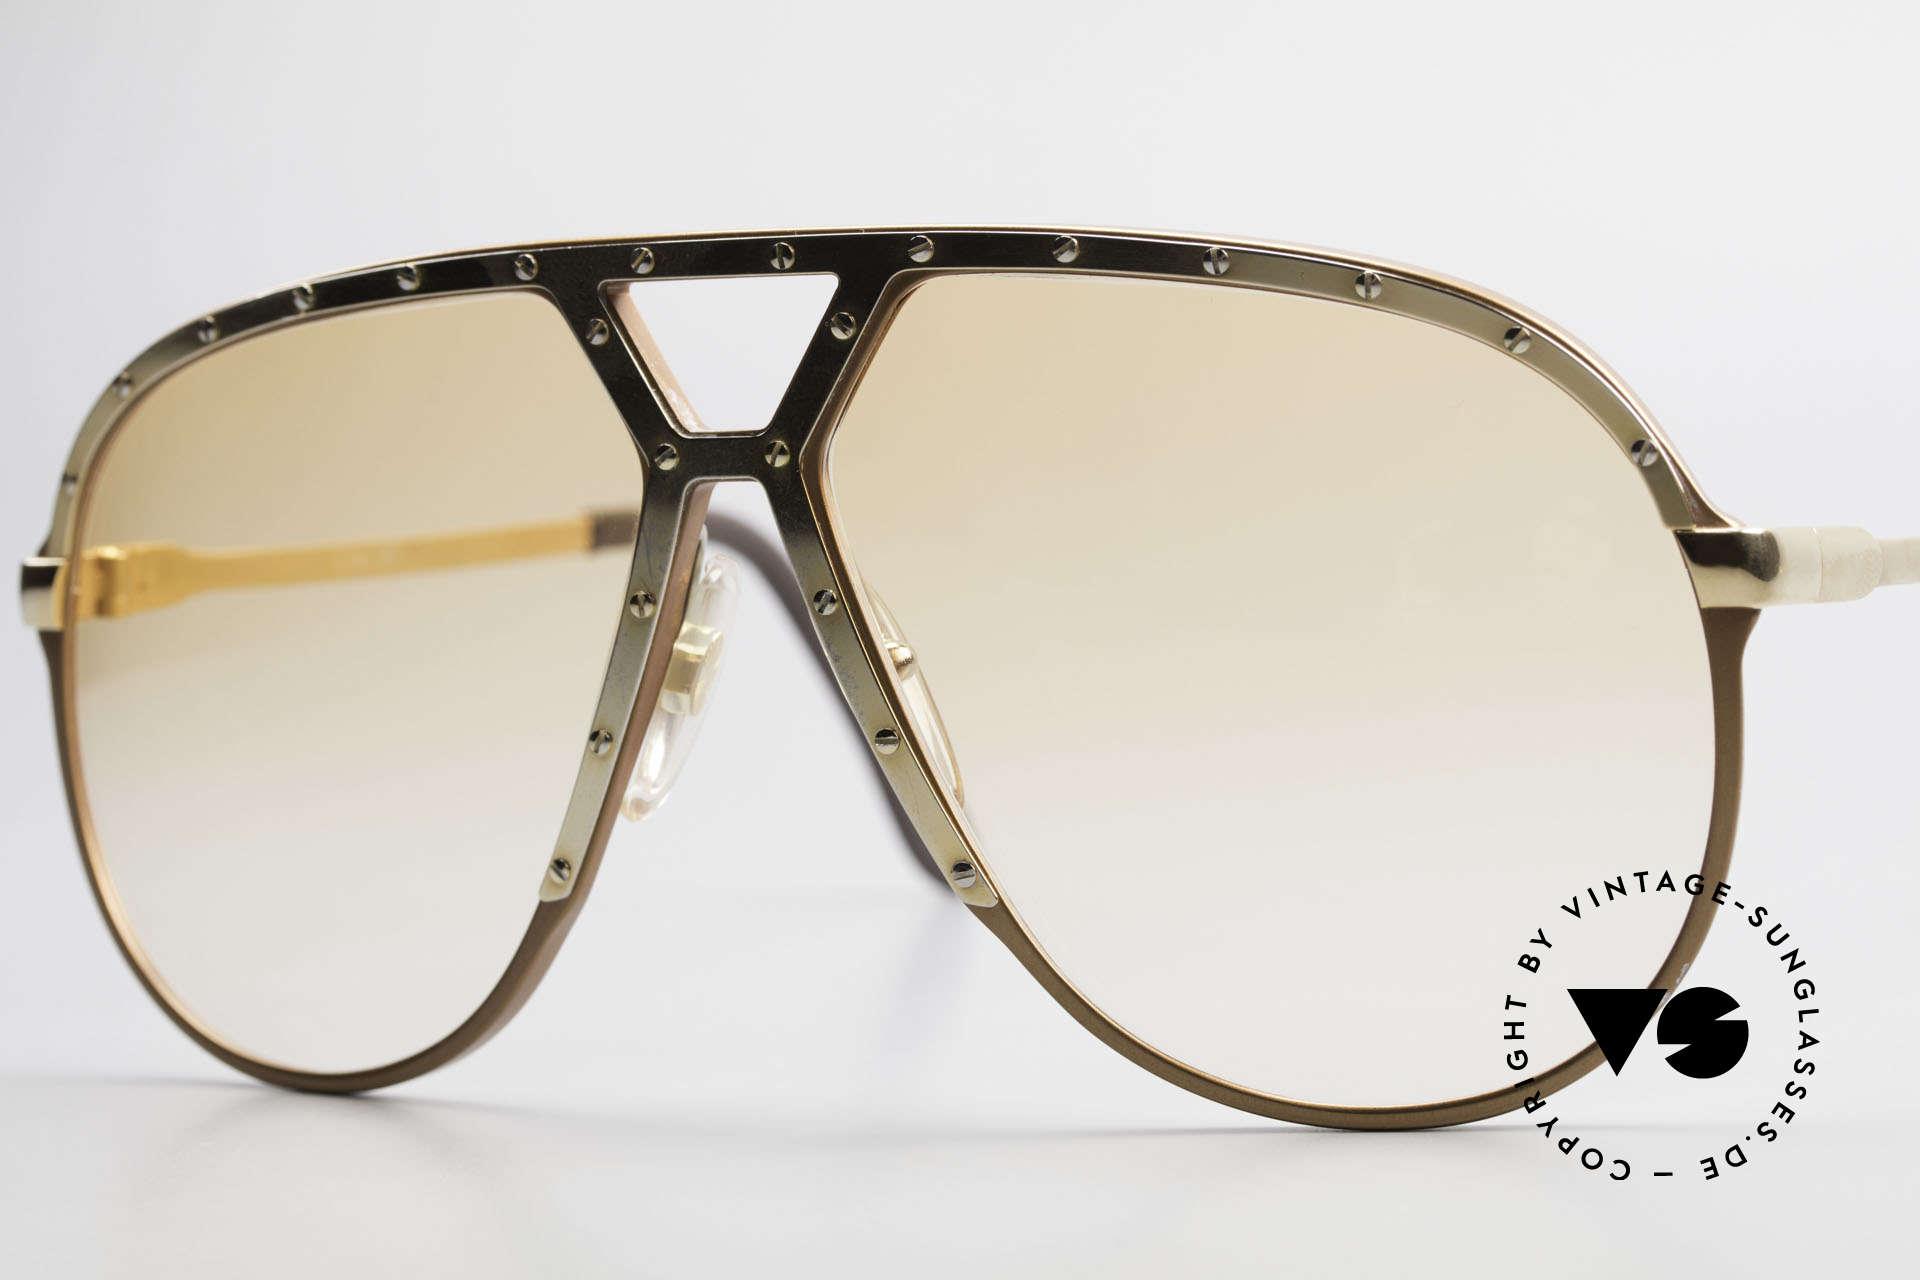 Alpina M1 Rare 80s Vintage Brille Orange, Fassung hat kleine Kratzer (Lagerung), siehe Foto, Passend für Herren